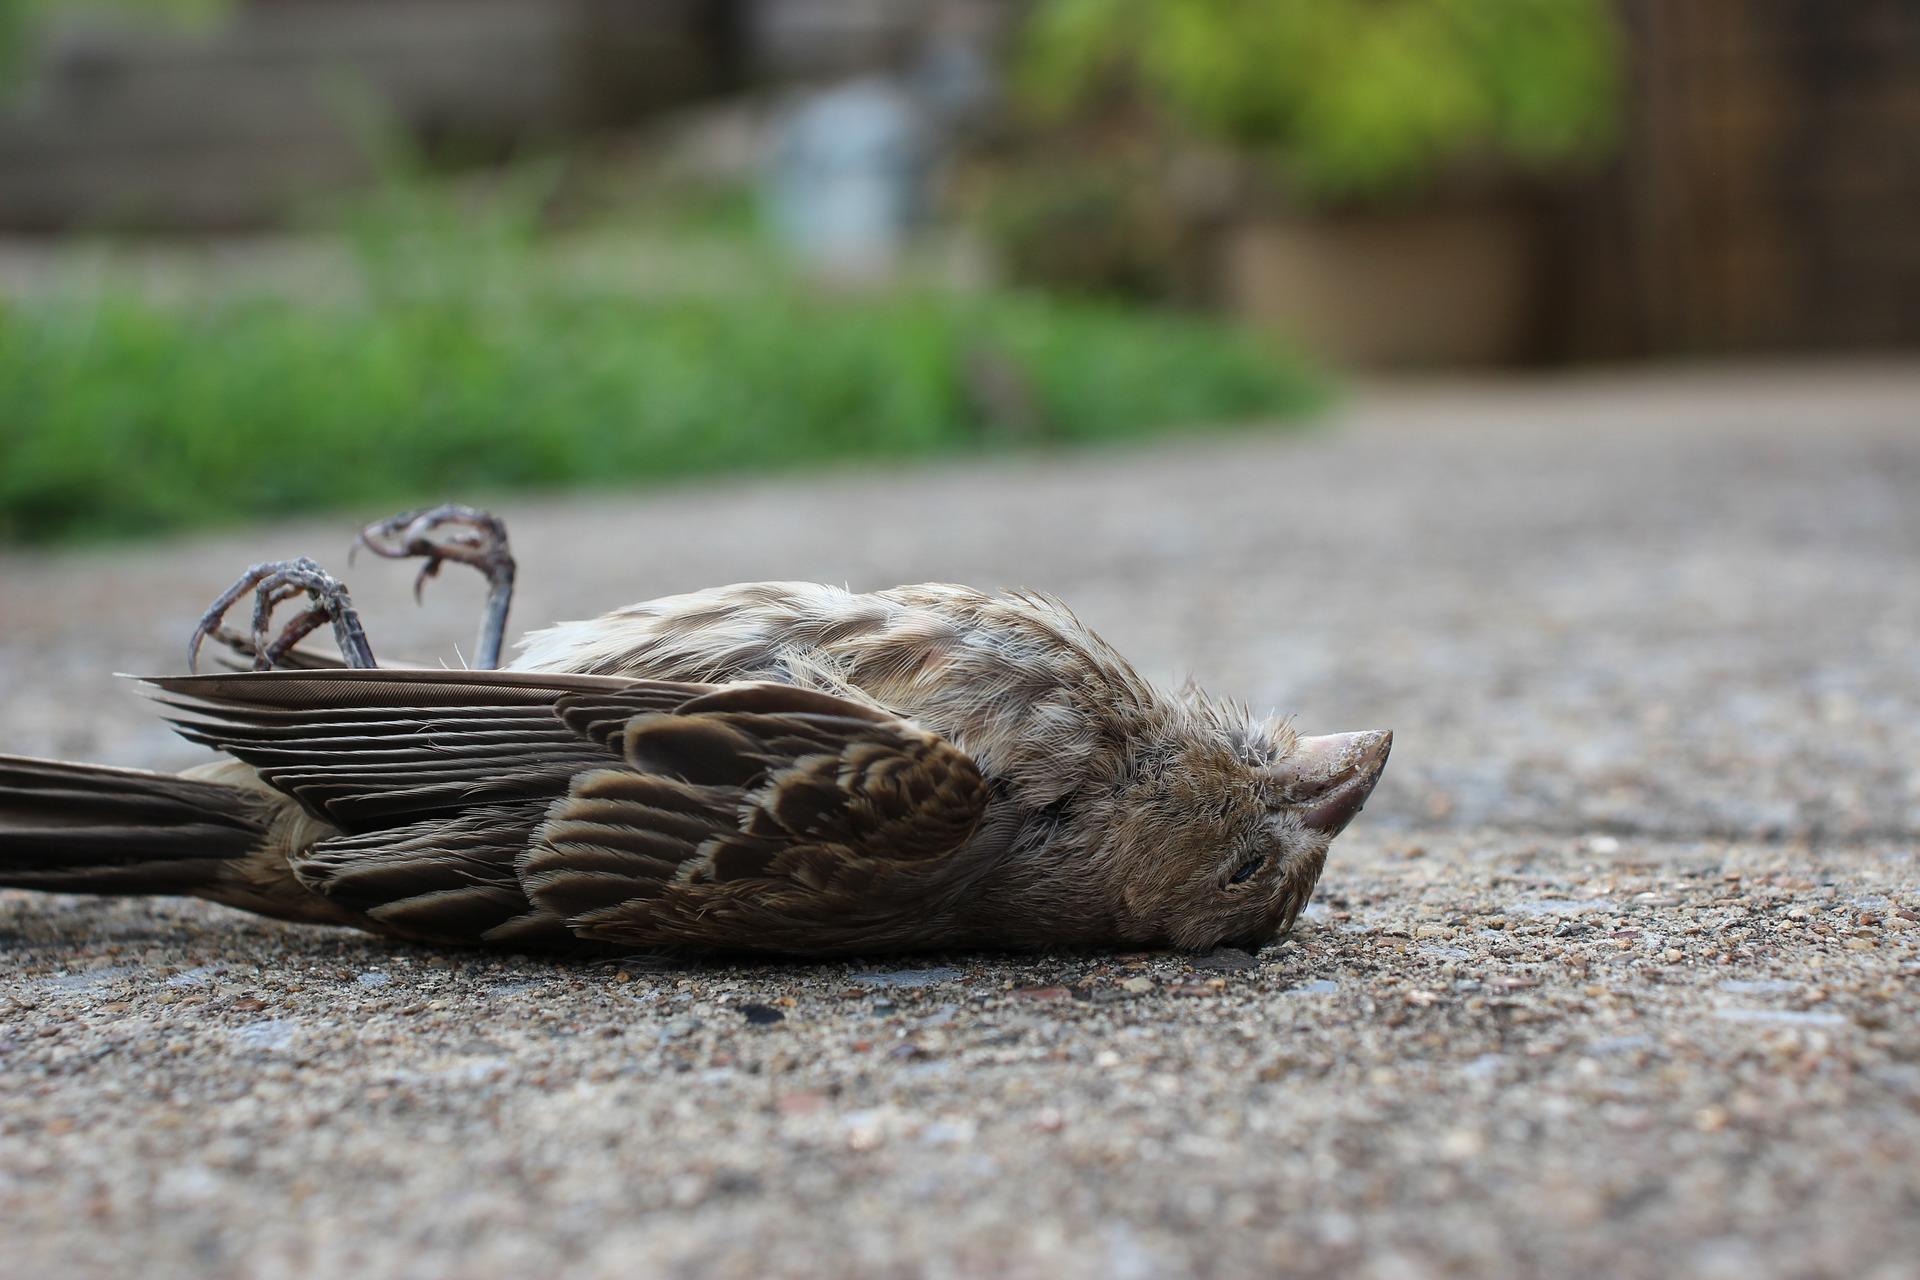 Powiatowy Lekarz Weterynarii w Mielcu: Informujcie o przypadkach padnięć dzikich ptaków - Zdjęcie główne